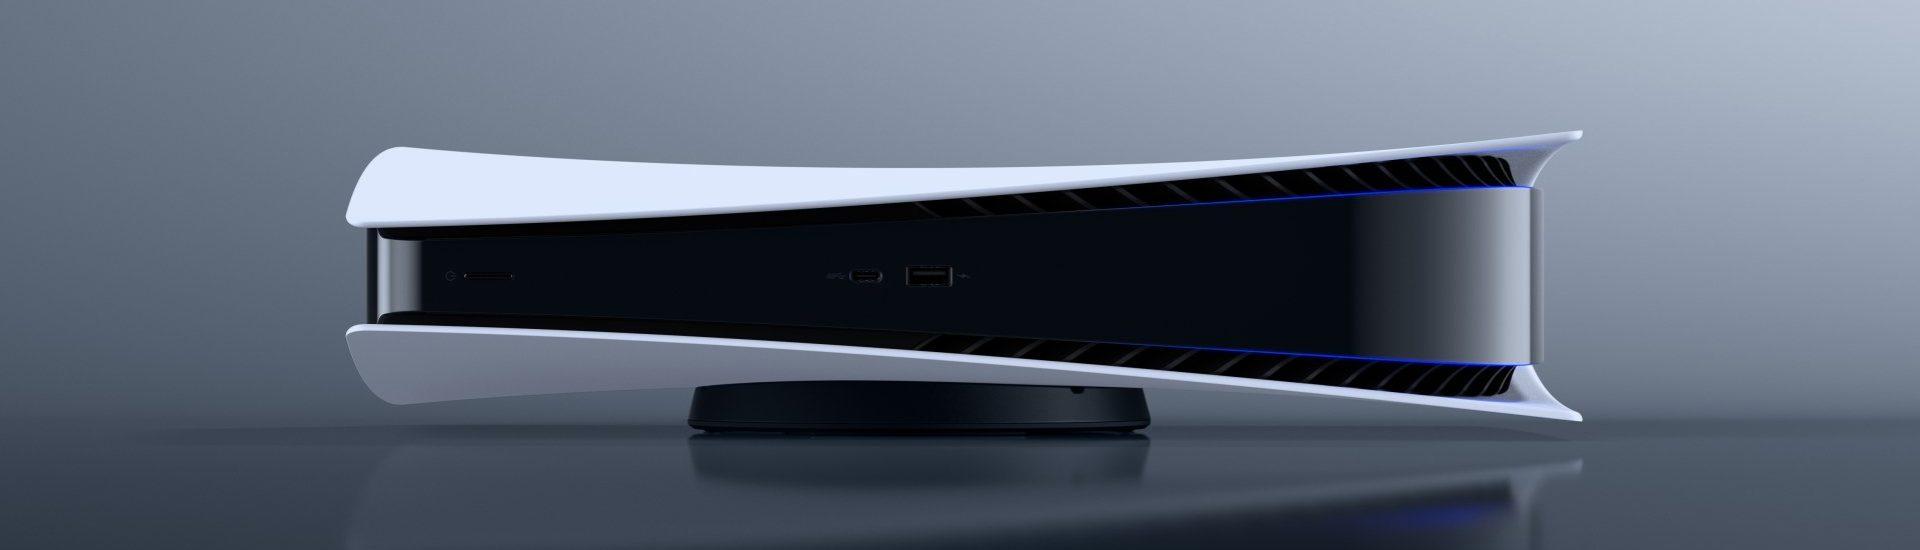 Einfach dreist: Bots kaufen euch PS5-Konsolen weg